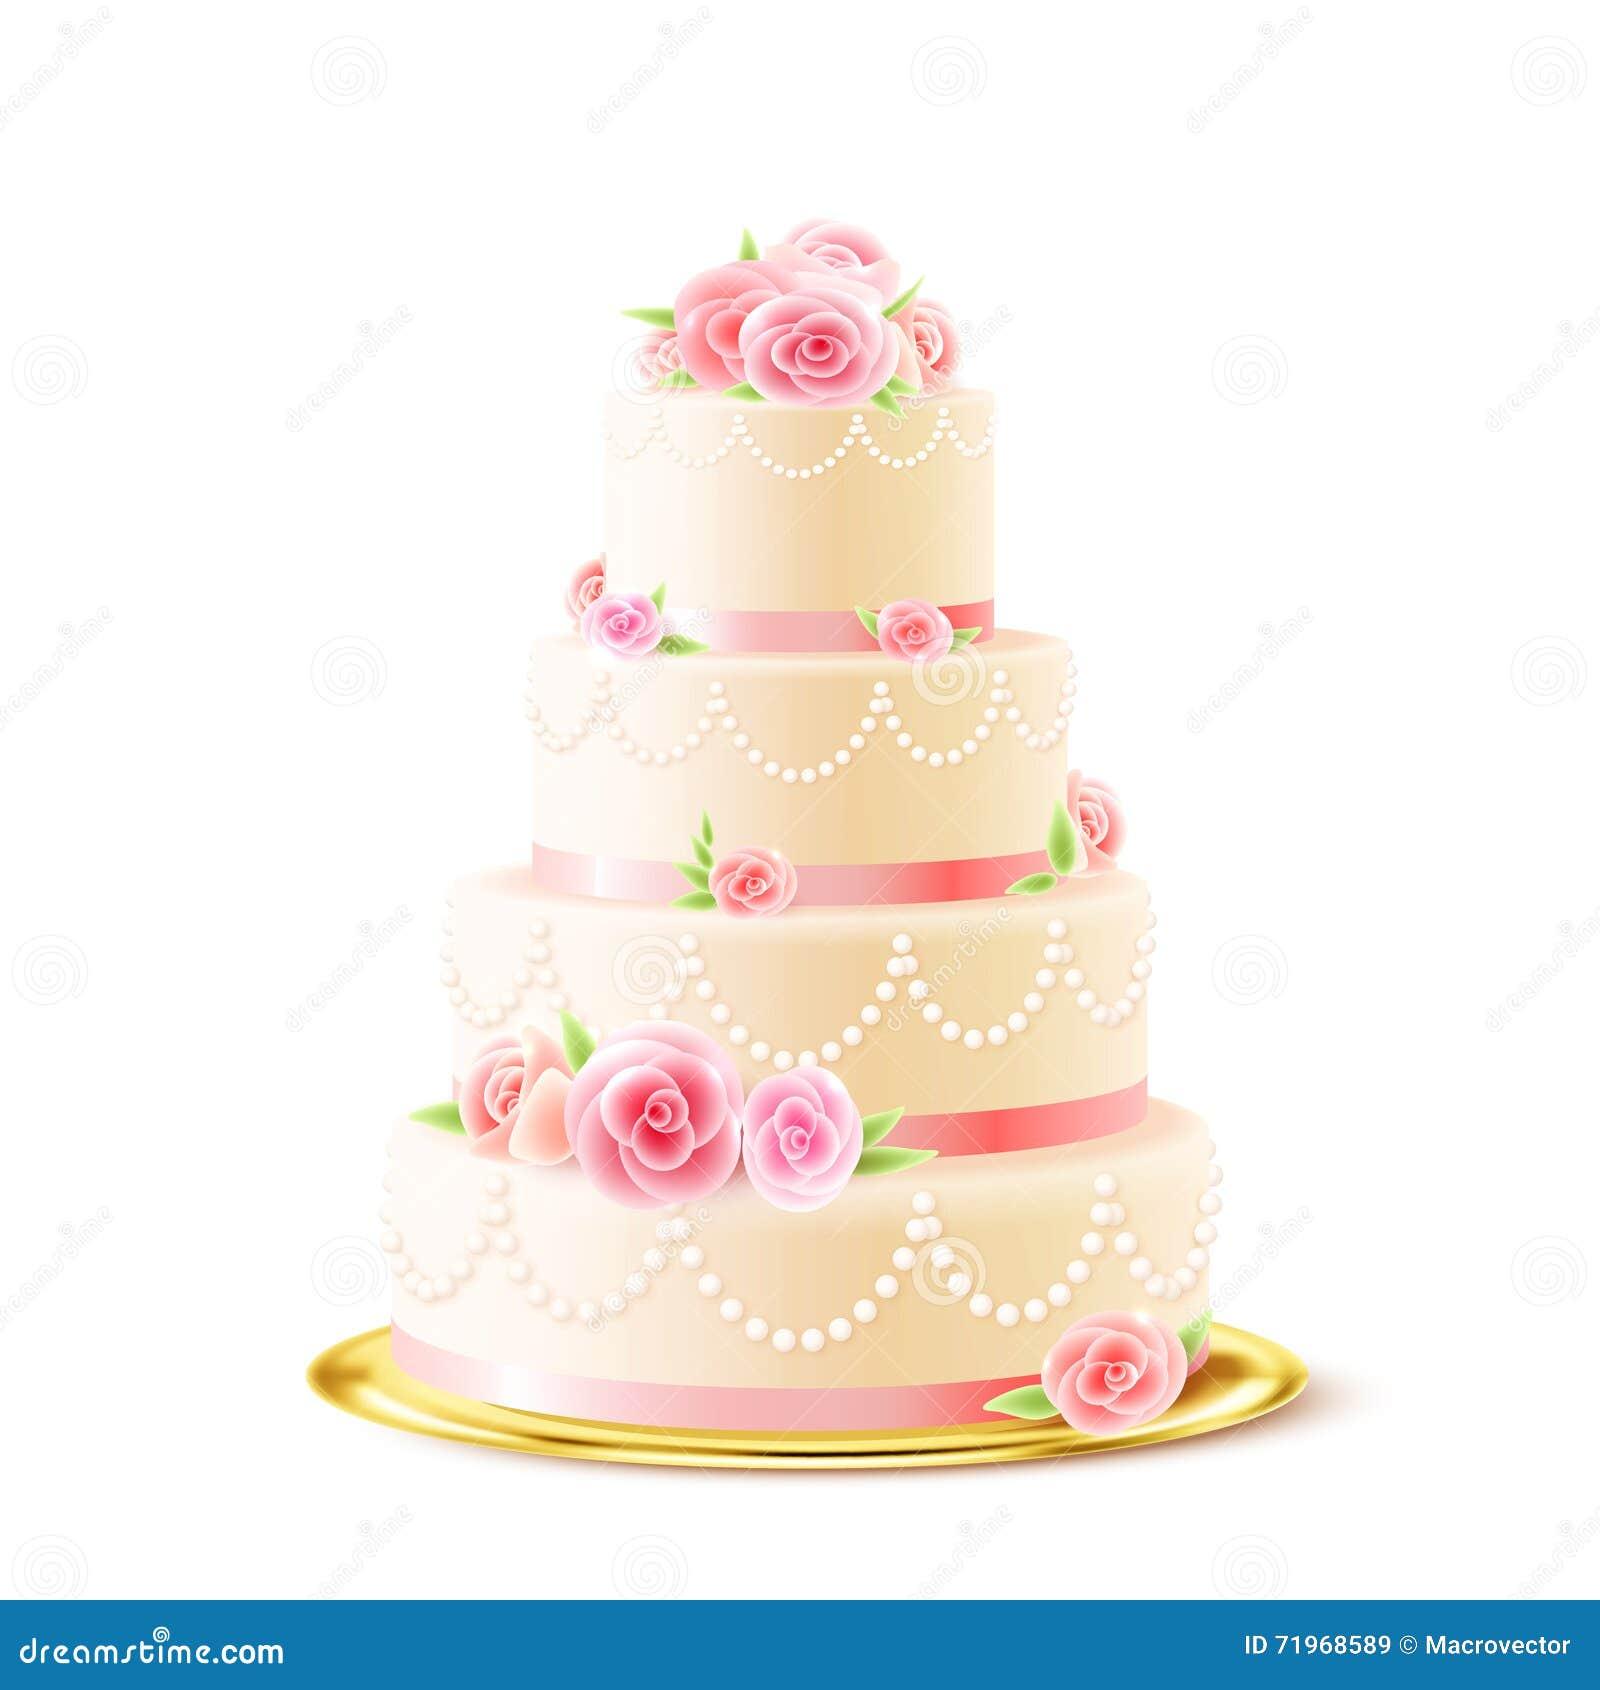 Klassische Hochzeitstorte Mit Den Rosen Realistisch Vektor Abbildung